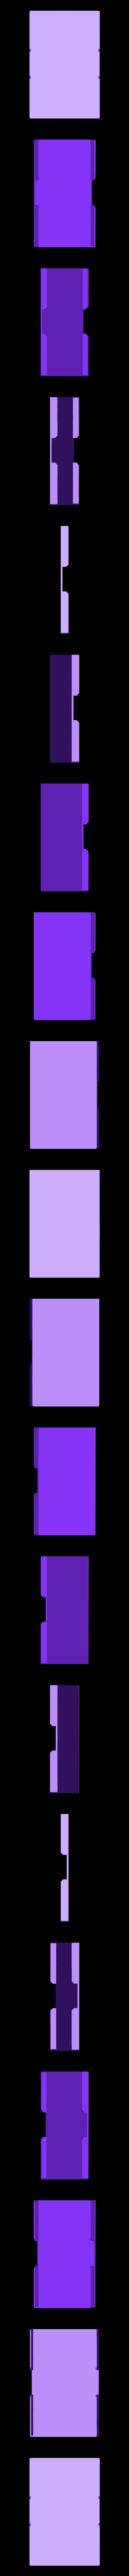 wallet01.stl Télécharger fichier STL gratuit Portefeuille extra fin • Modèle pour imprimante 3D, franciscoczapski